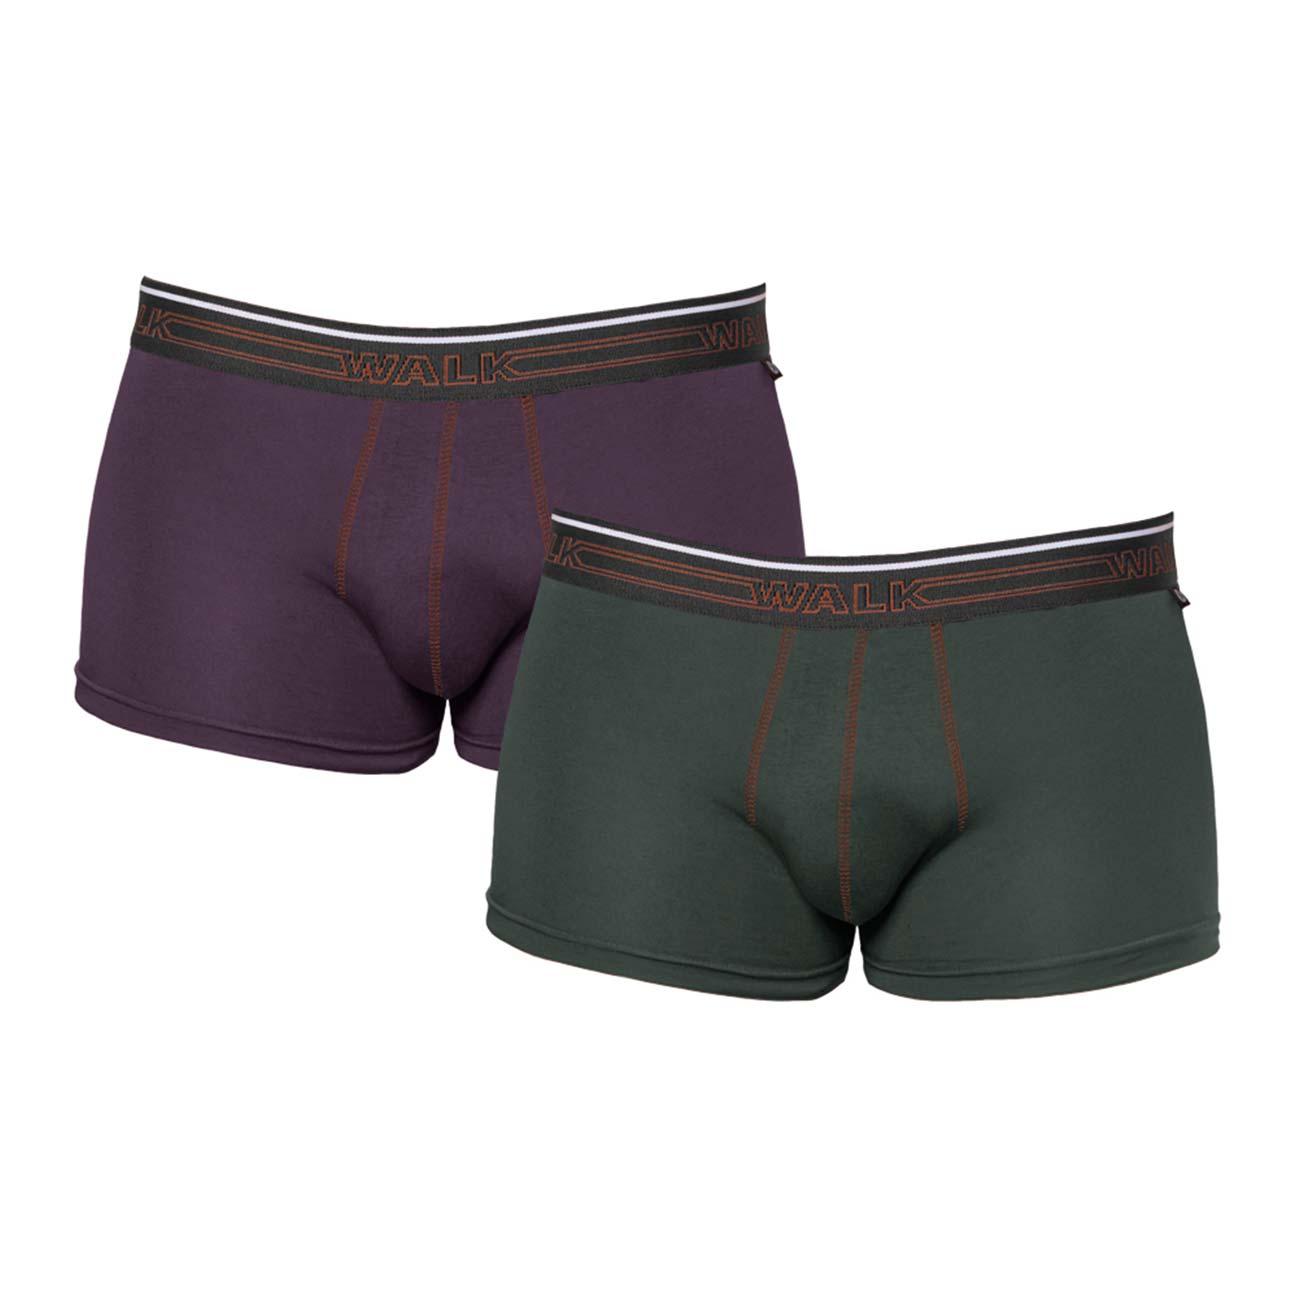 Ανδρικό Boxer Walk w1756 - 2 pack πράσινο σκούρο-μωβ